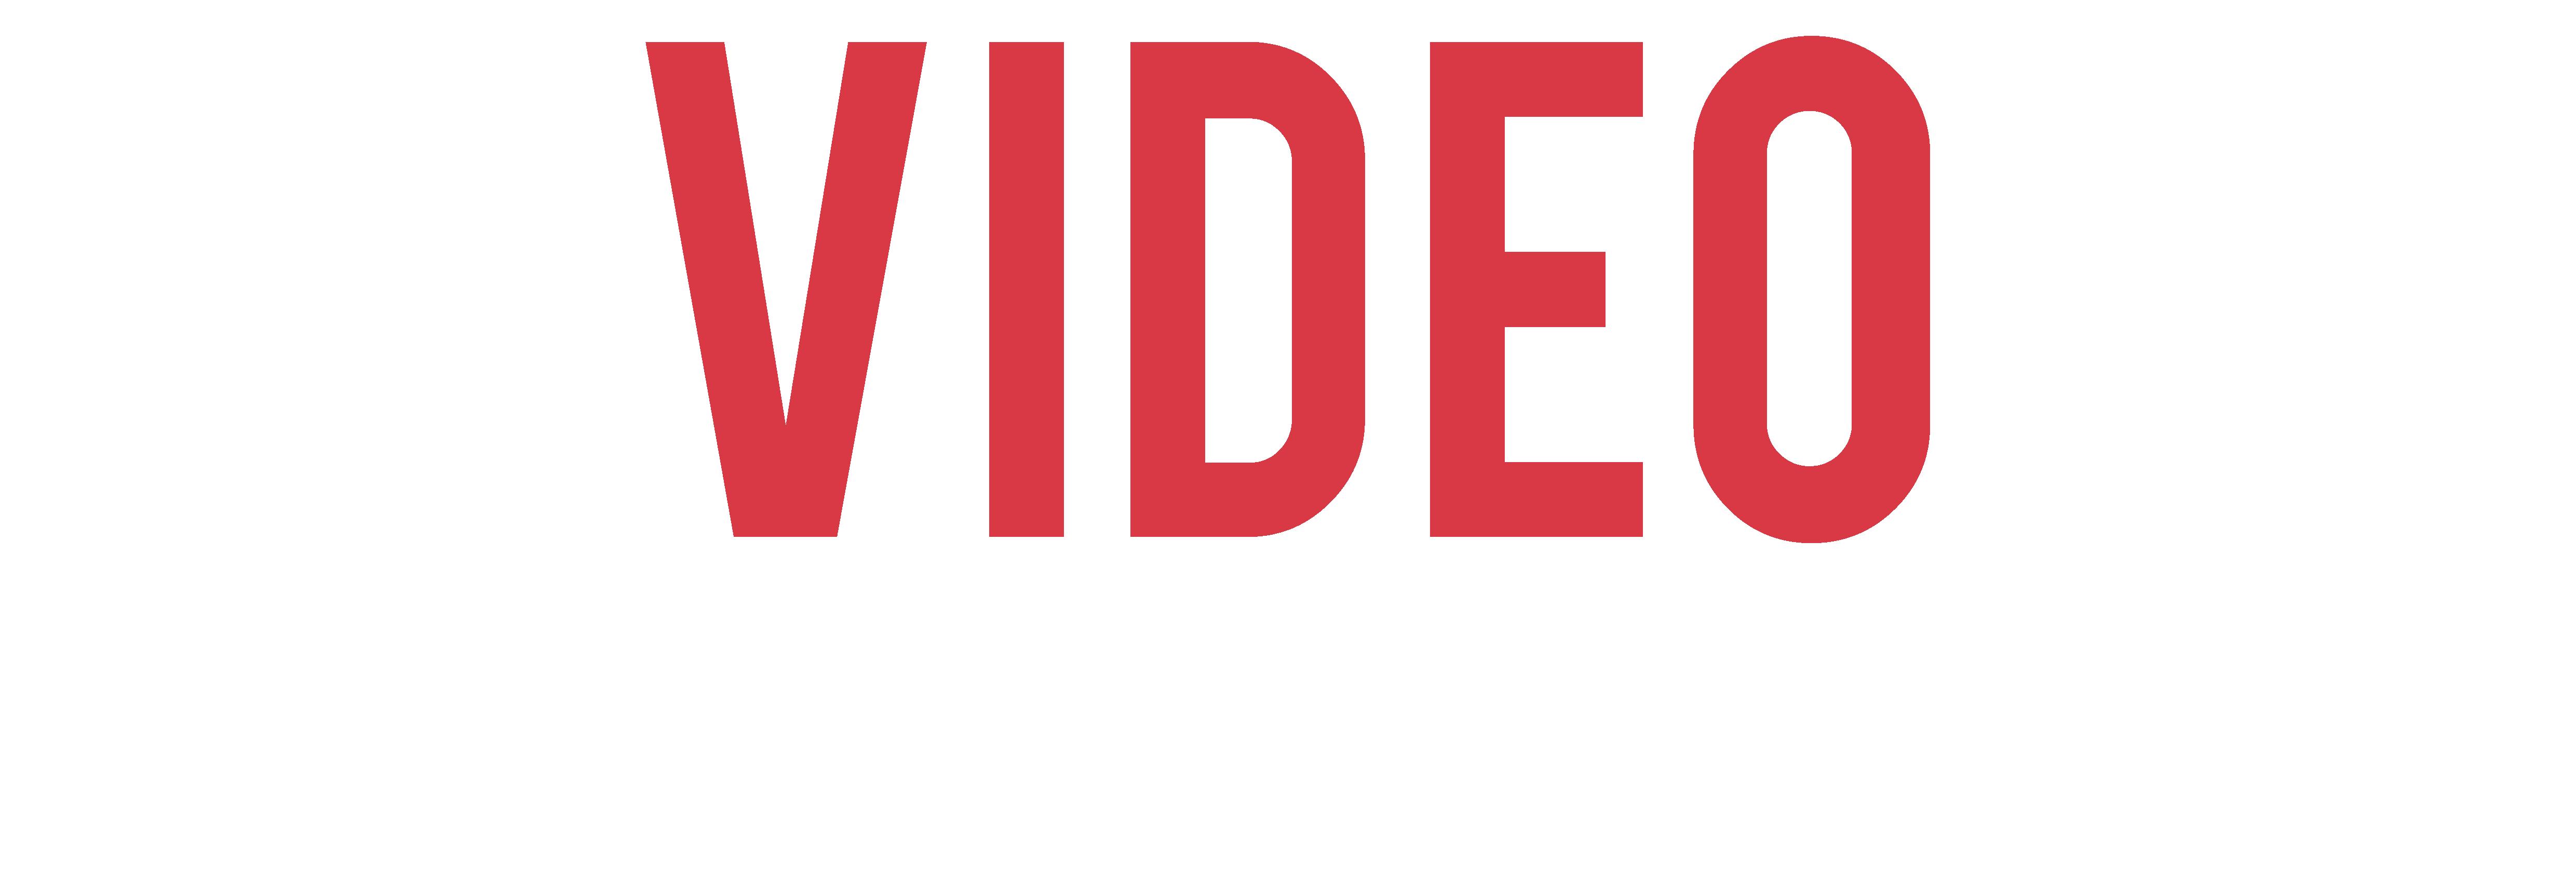 Woa_stelvio_video_2